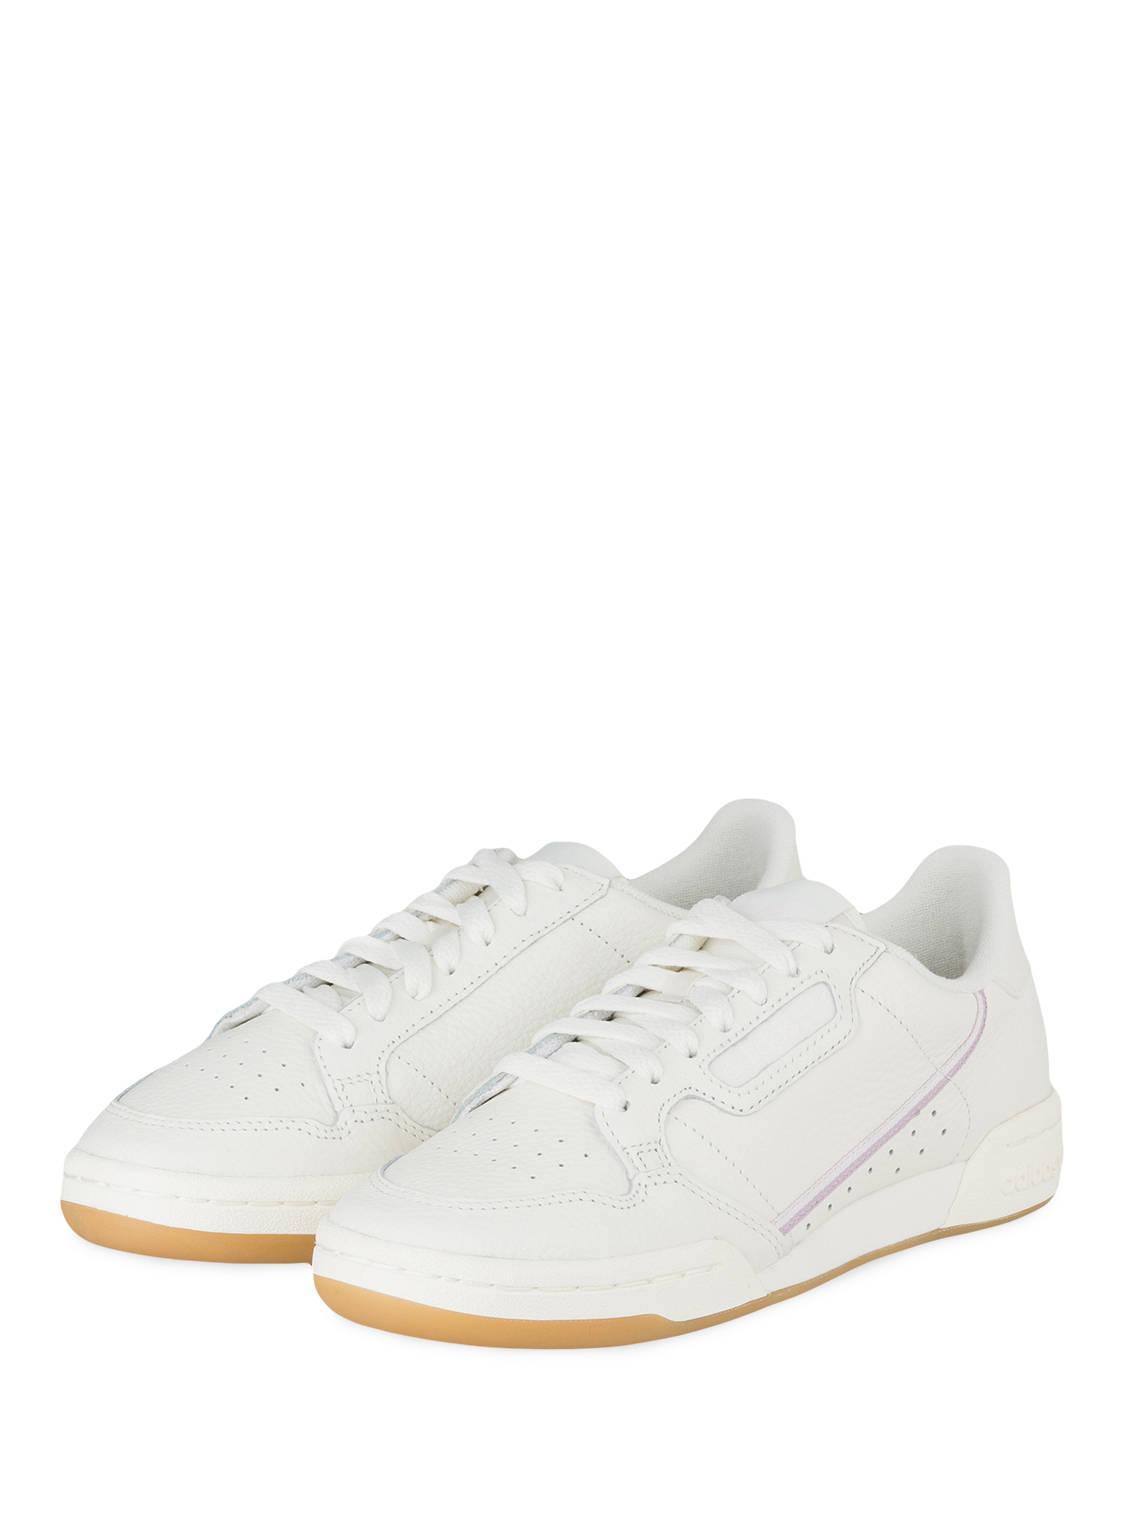 Damen Sneaker Natur 80 Continental In WEHD29I